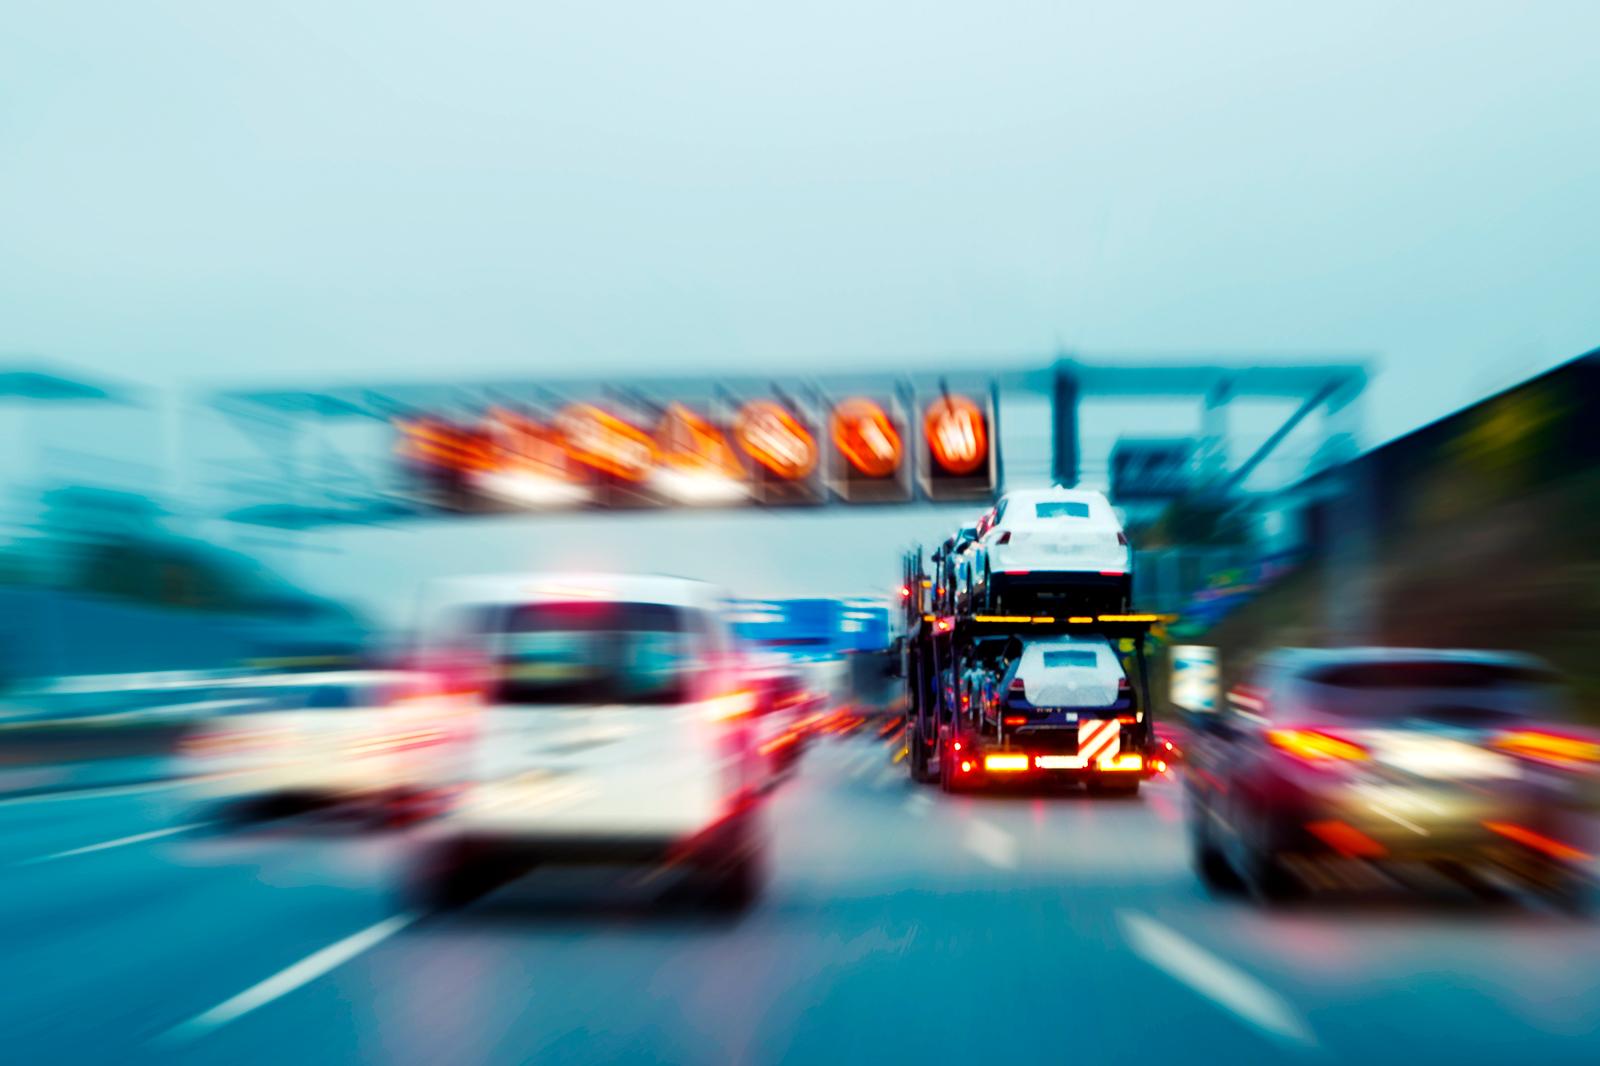 Tempolimit: Für Führerscheinneulinge bestehen mitunter niedrigere Geschwindigkeitsbegrenzungen.